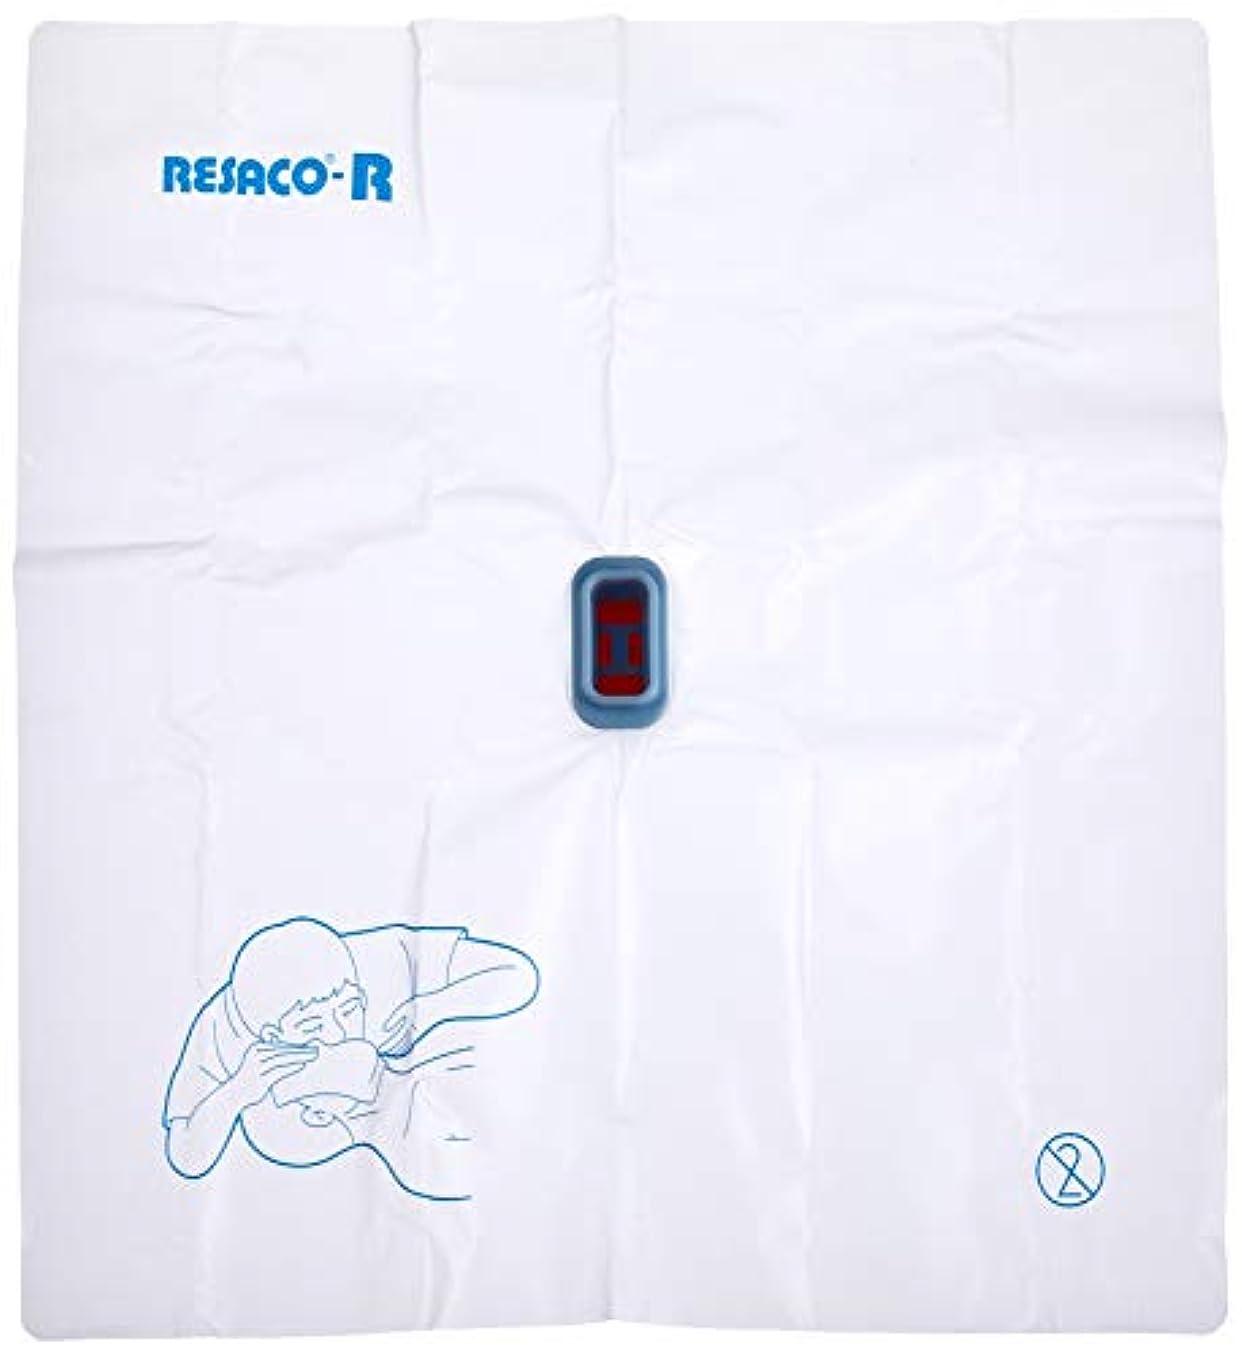 虚弱エッセンス対レサコ 人工呼吸用マウスシート レサコRG(ポリ手袋付) 8-8512-02